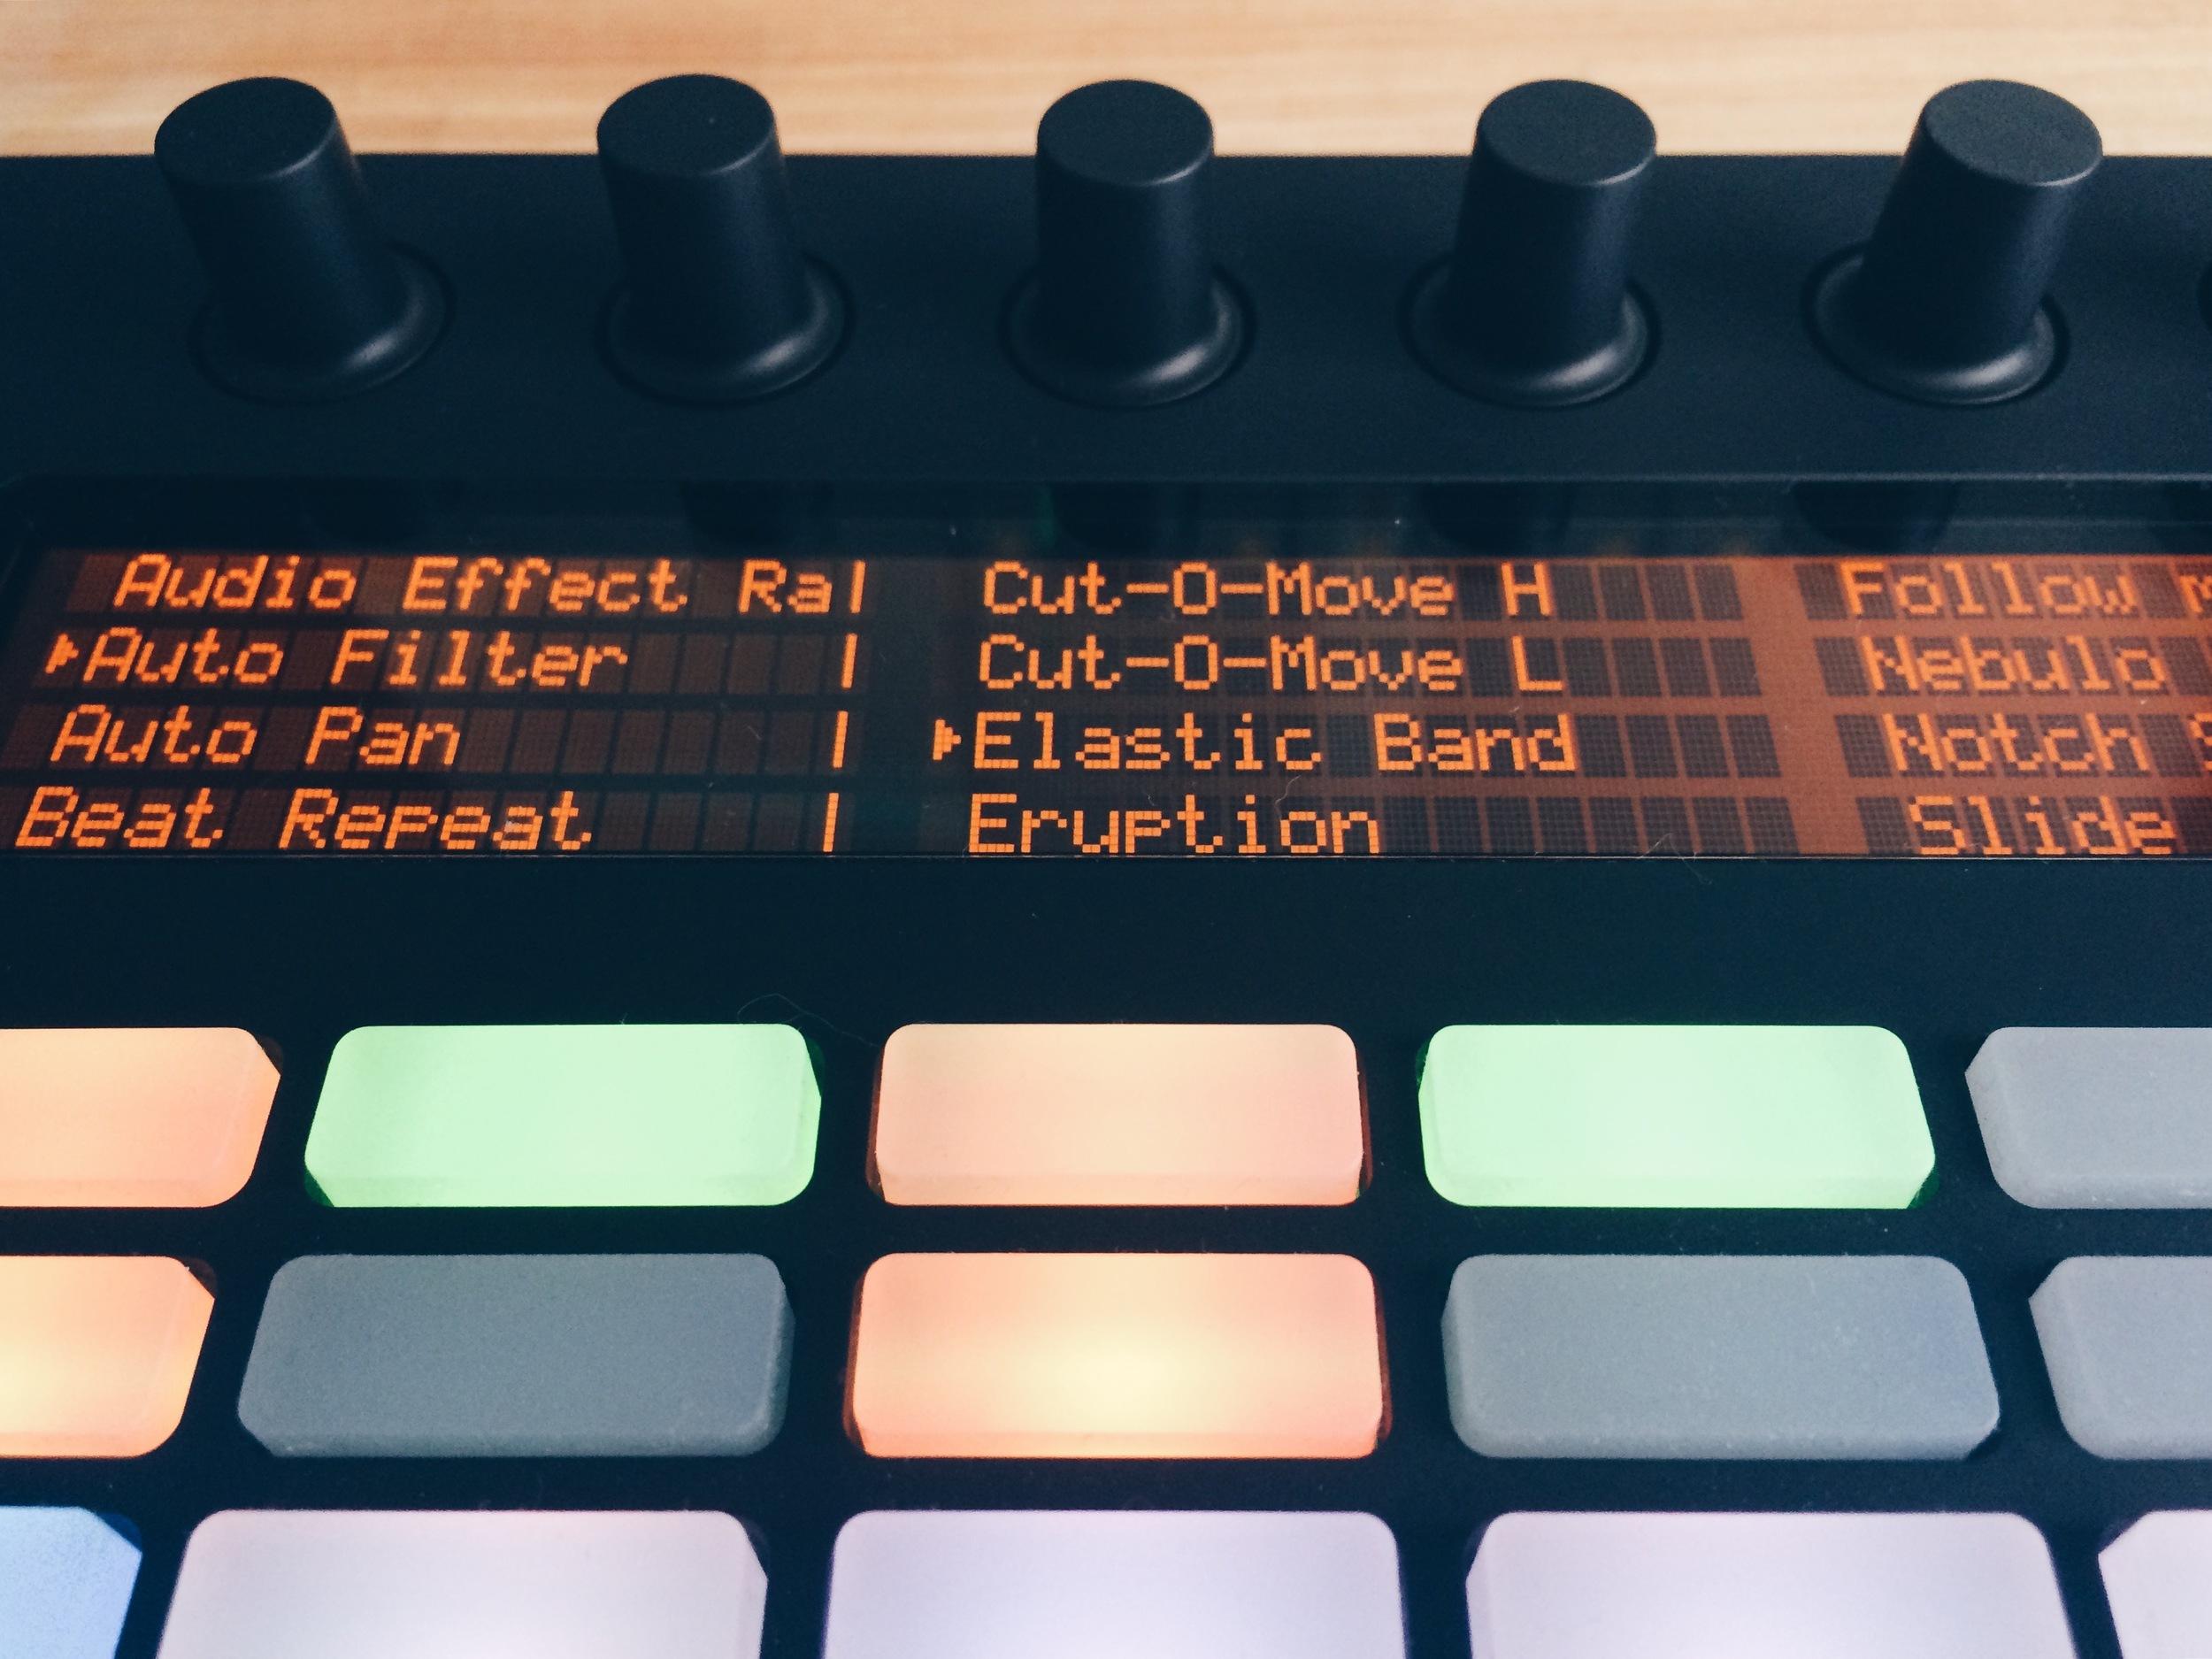 Encoders de Ableton Push